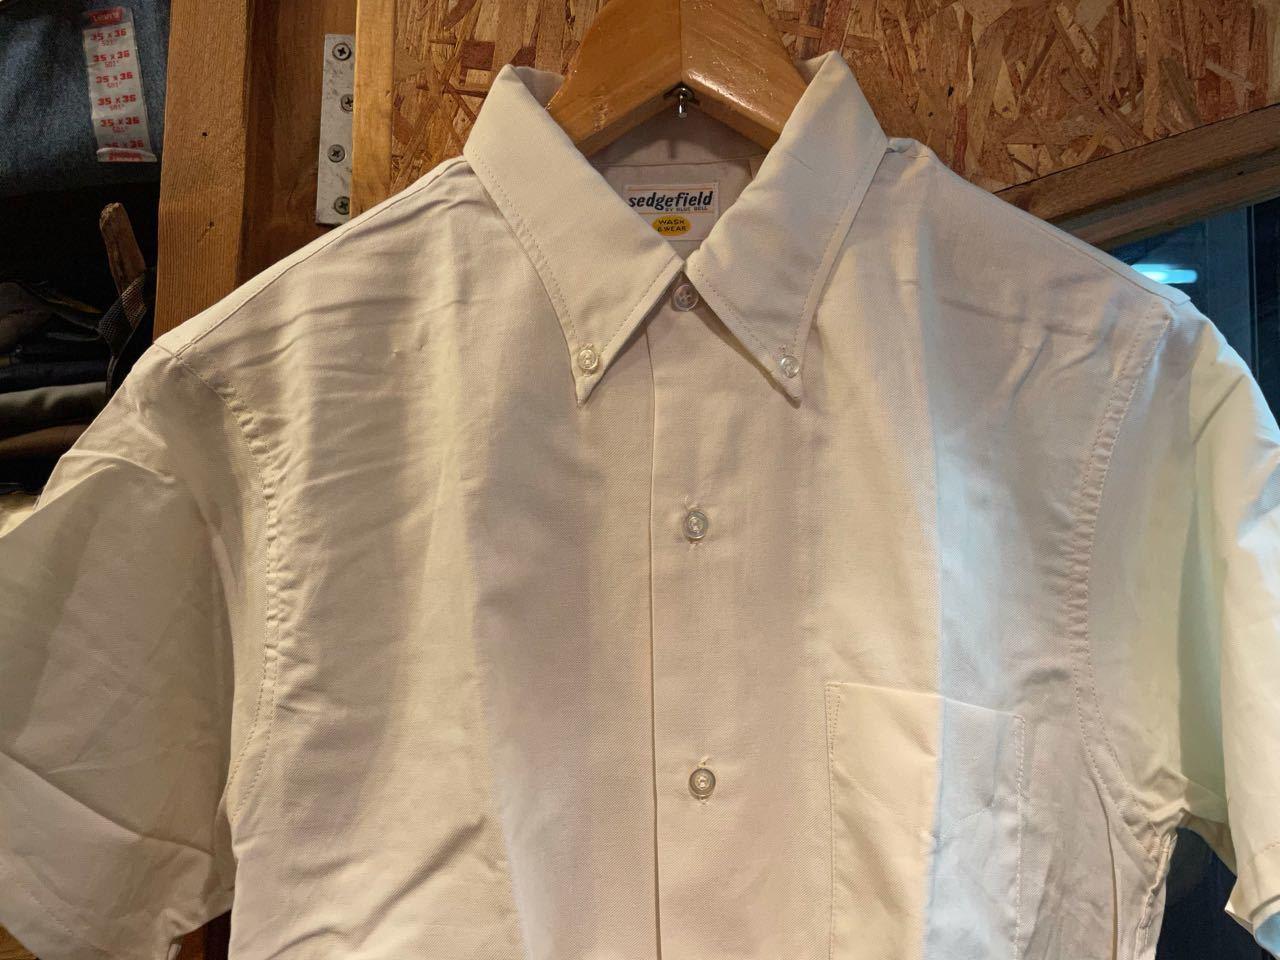 6月3日(木)入荷!60s デッドストック all cotton  deadstock Bluebell Sedgefileld B.D shirts! /ボタンダウンシャツ_c0144020_13224616.jpg